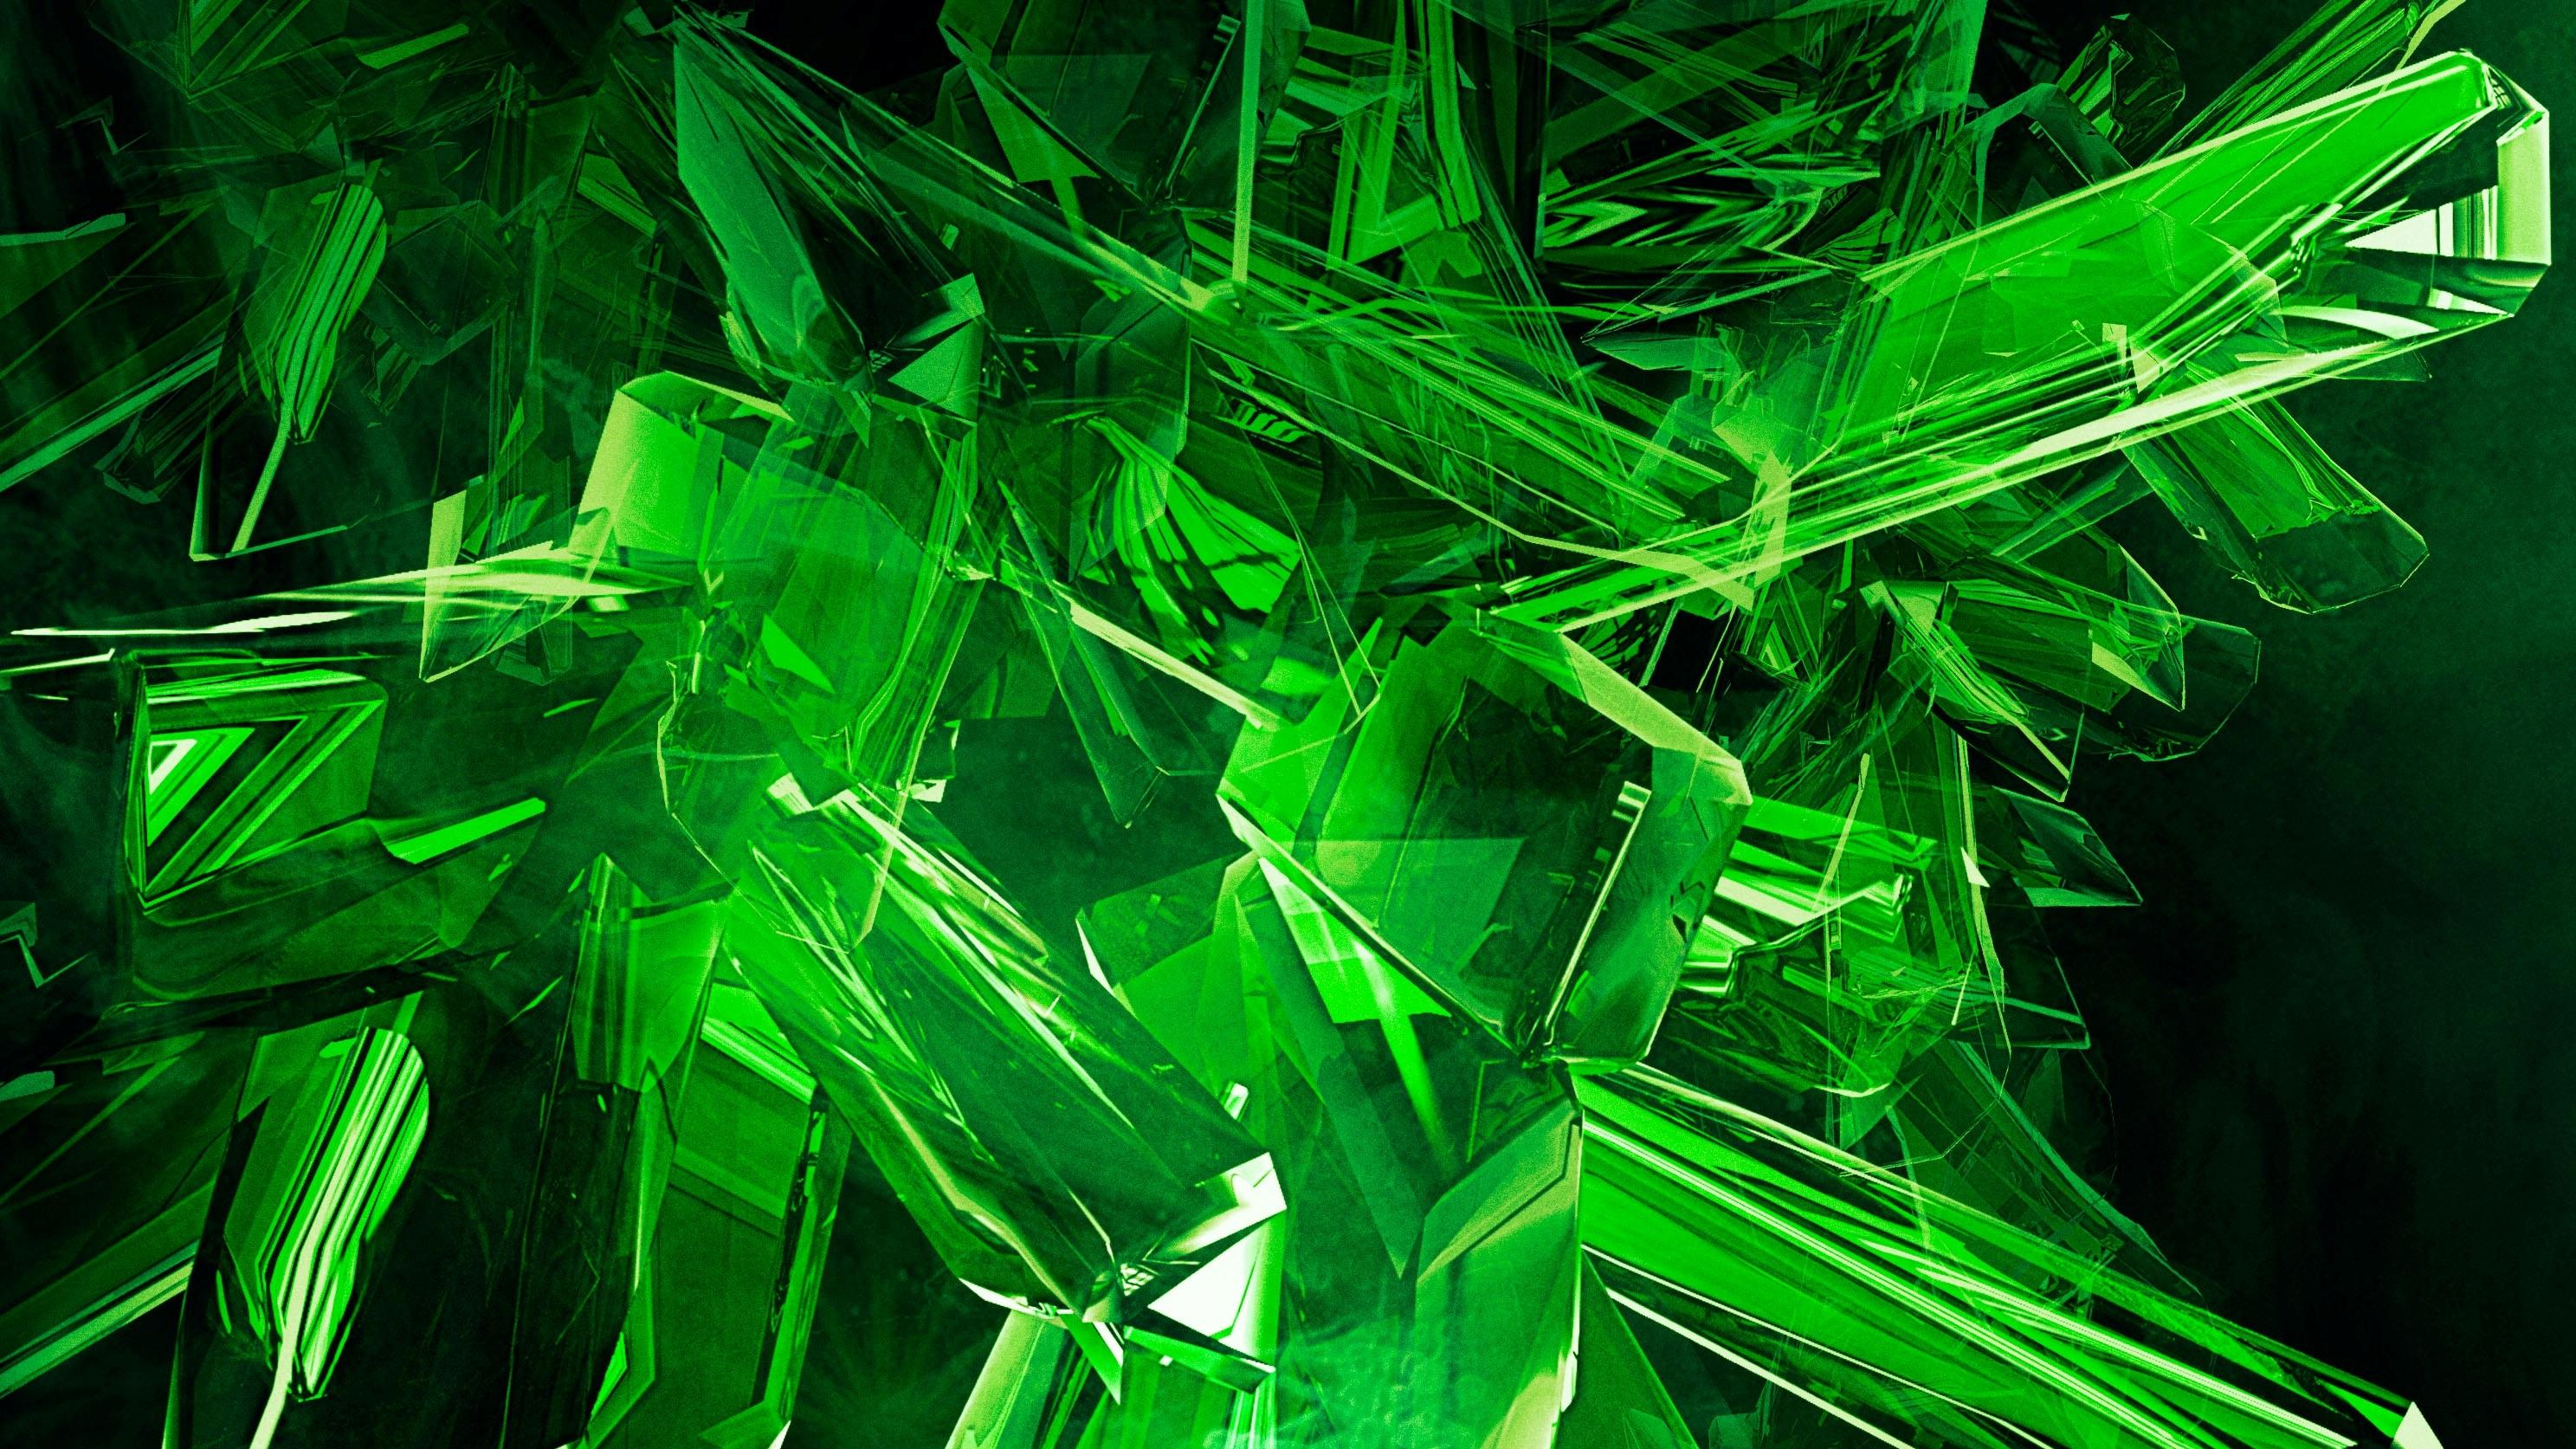 green 3d view abstract gems cool desktop hd wallpaper 14591jpg 2975x1673